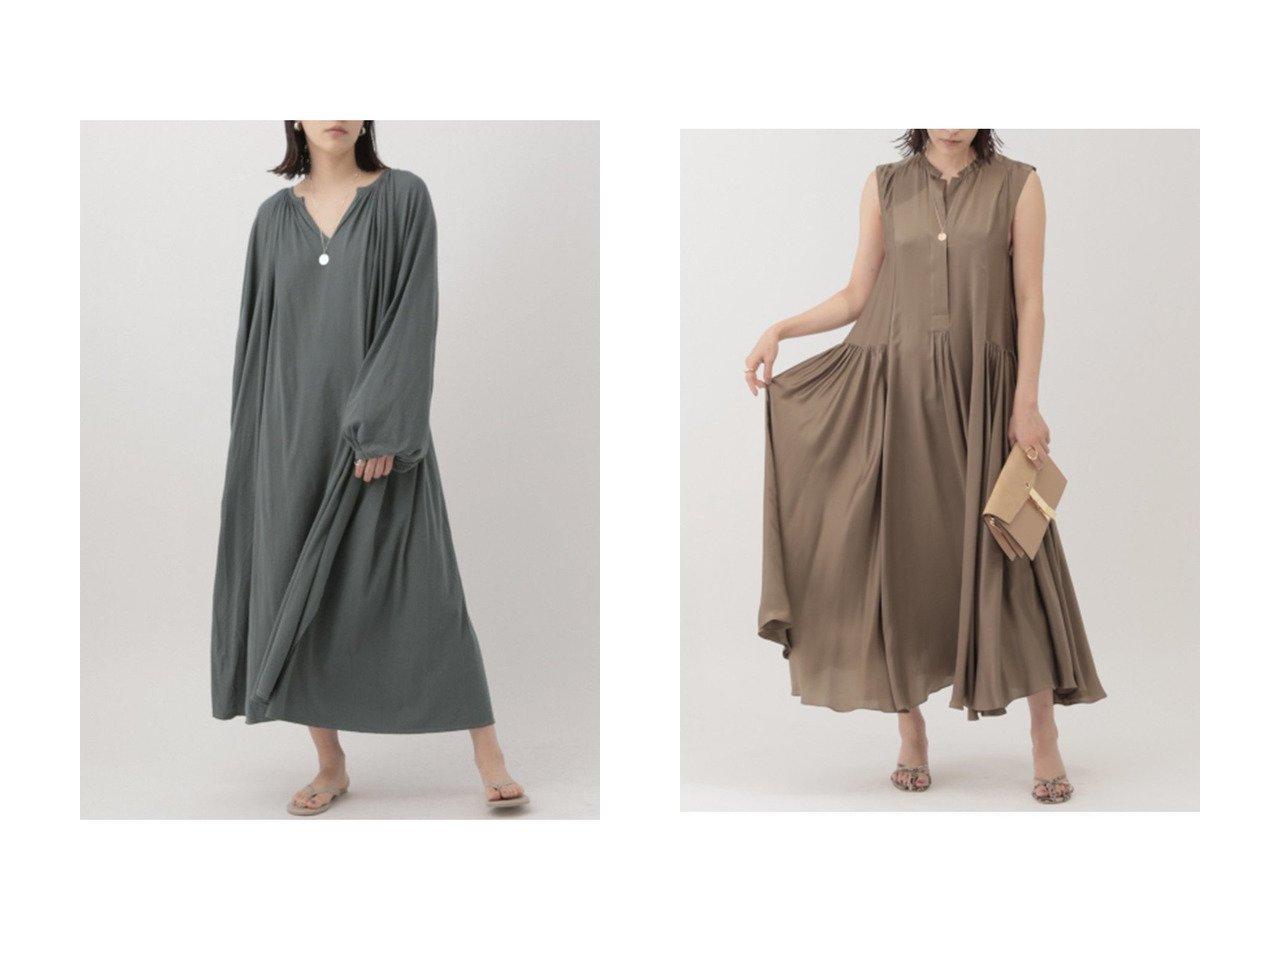 【Chaos/カオス】のルネギャザーカットマキシワンピース&サンディングシルクワンピース 【ワンピース・ドレス】おすすめ!人気、トレンド・レディースファッションの通販 おすすめで人気の流行・トレンド、ファッションの通販商品 メンズファッション・キッズファッション・インテリア・家具・レディースファッション・服の通販 founy(ファニー) https://founy.com/ ファッション Fashion レディースファッション WOMEN ワンピース Dress マキシワンピース Maxi Dress カットソー ロング |ID:crp329100000029849